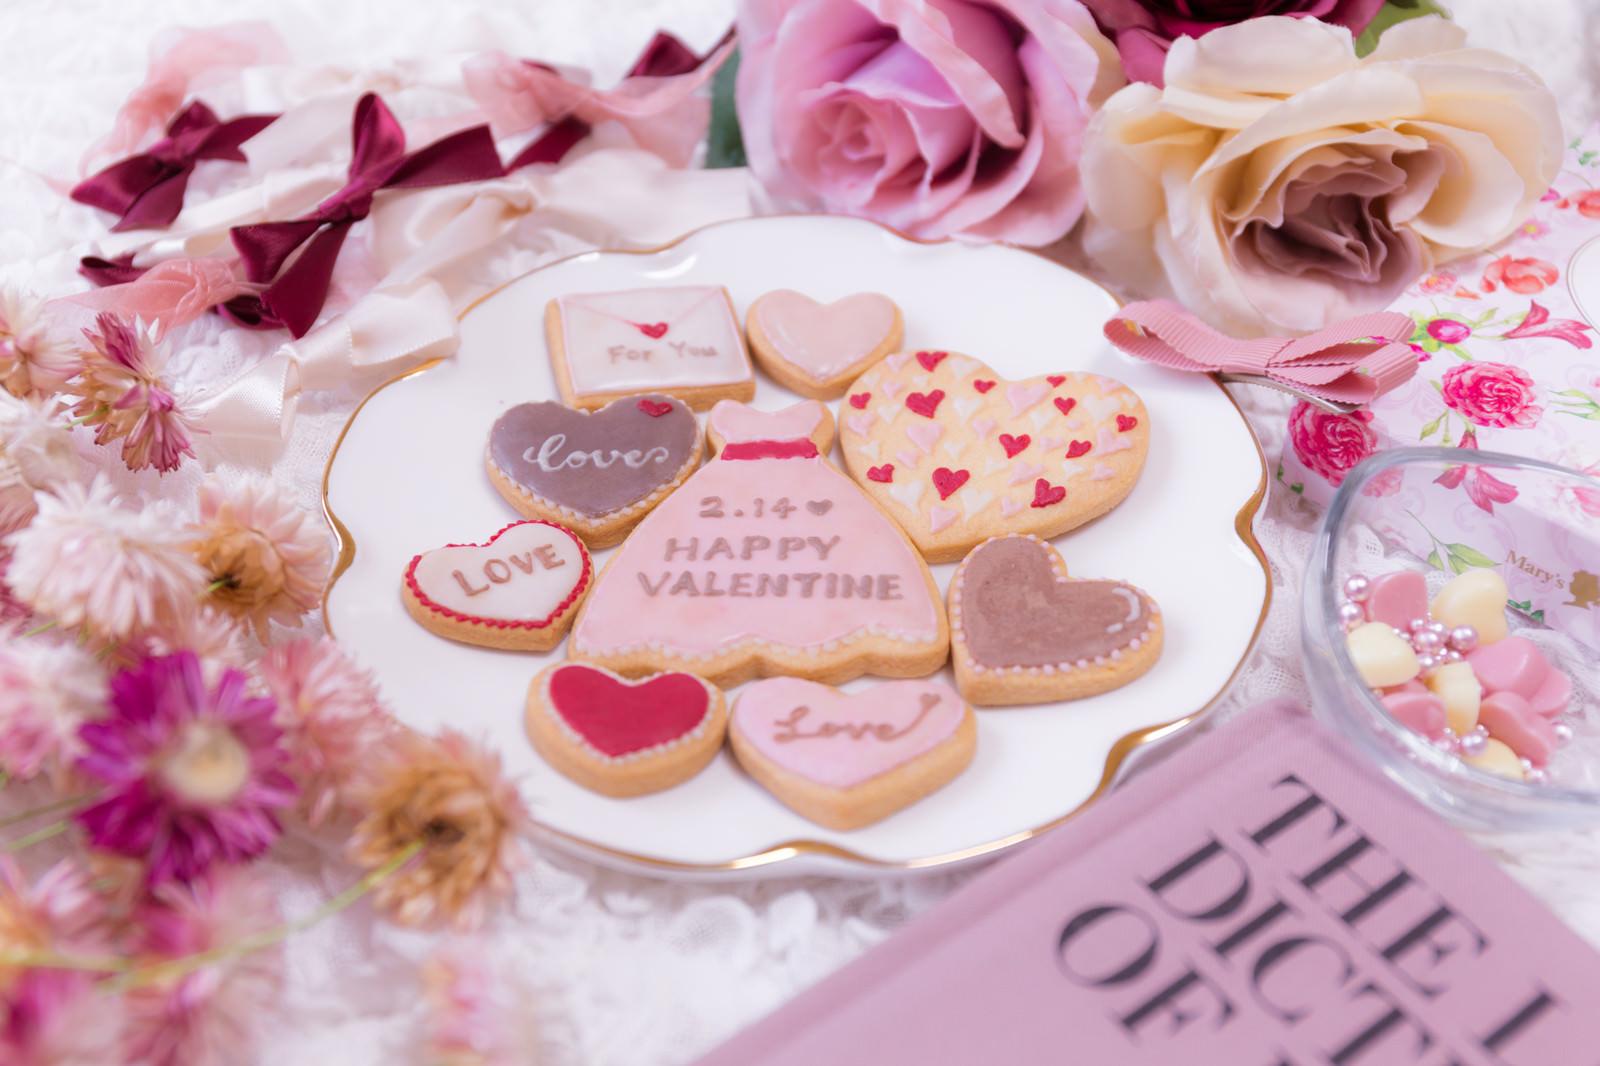 「ピンク一色に囲まれたバレンタイン用のクッキー」の写真